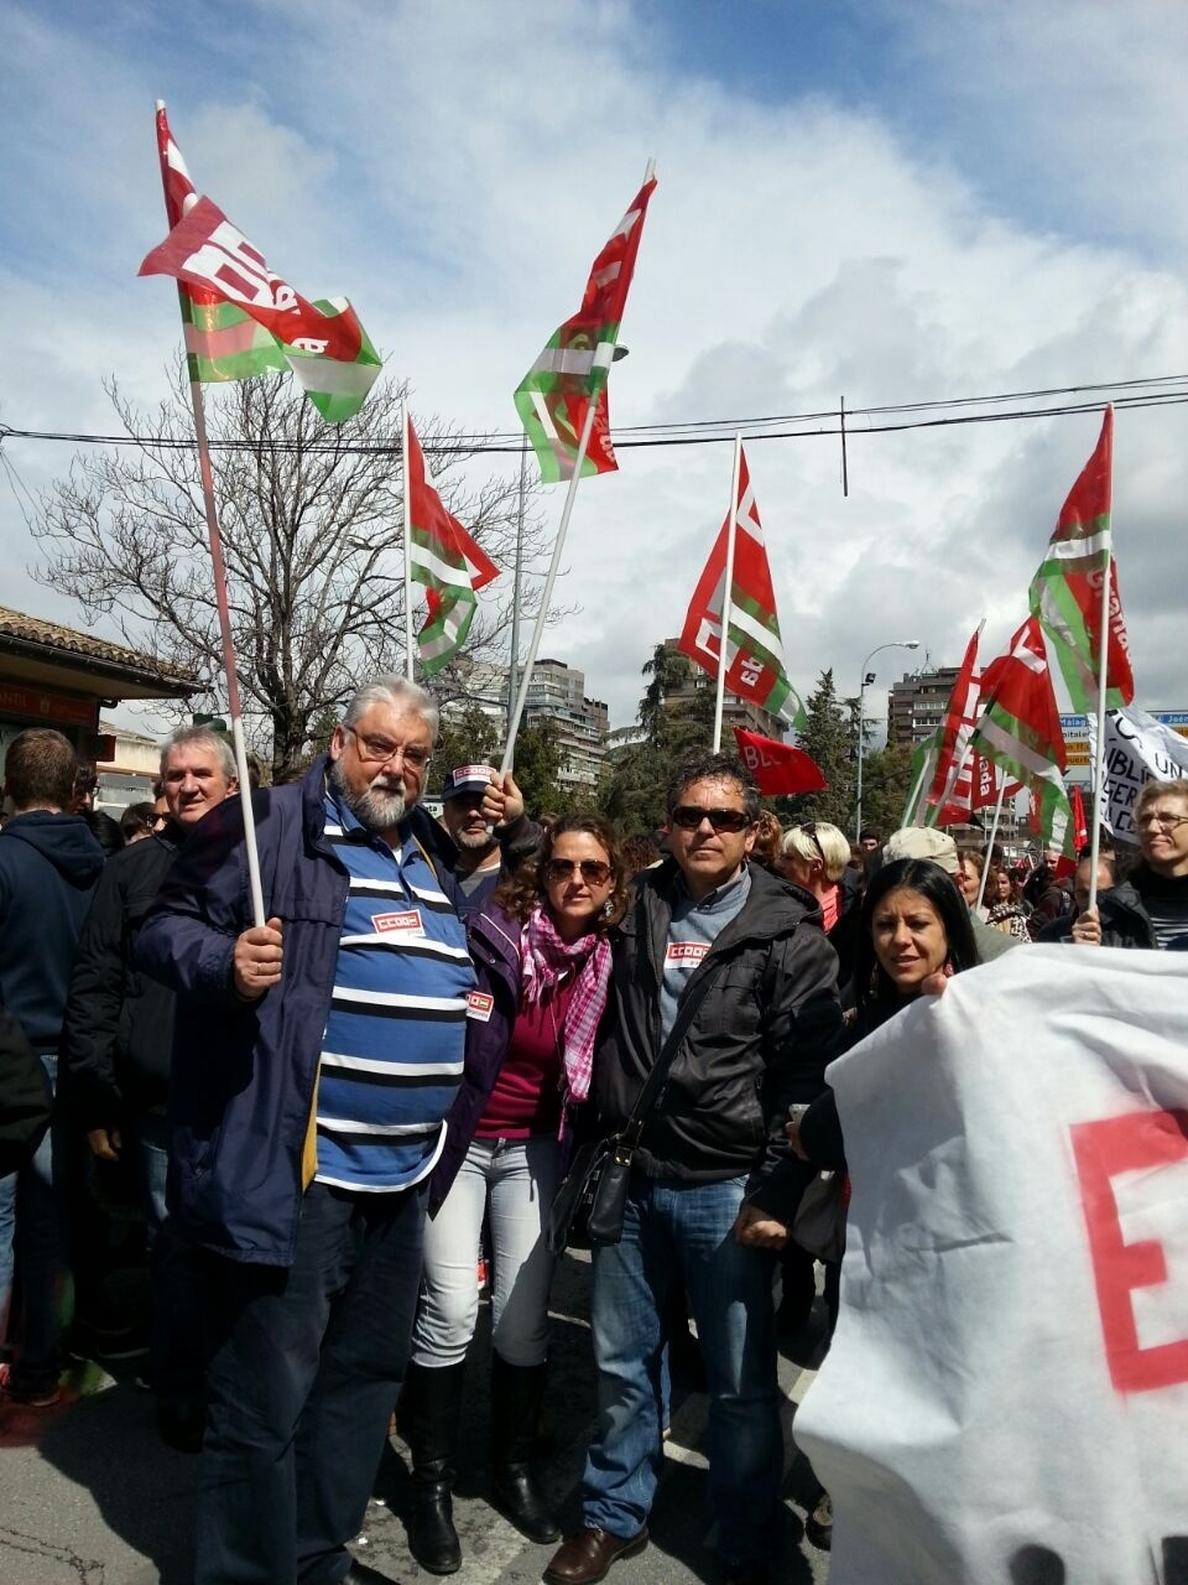 El PSOE reclamará de nuevo el martes derogar la reforma del Código Penal que «restringe» el derecho a huelga